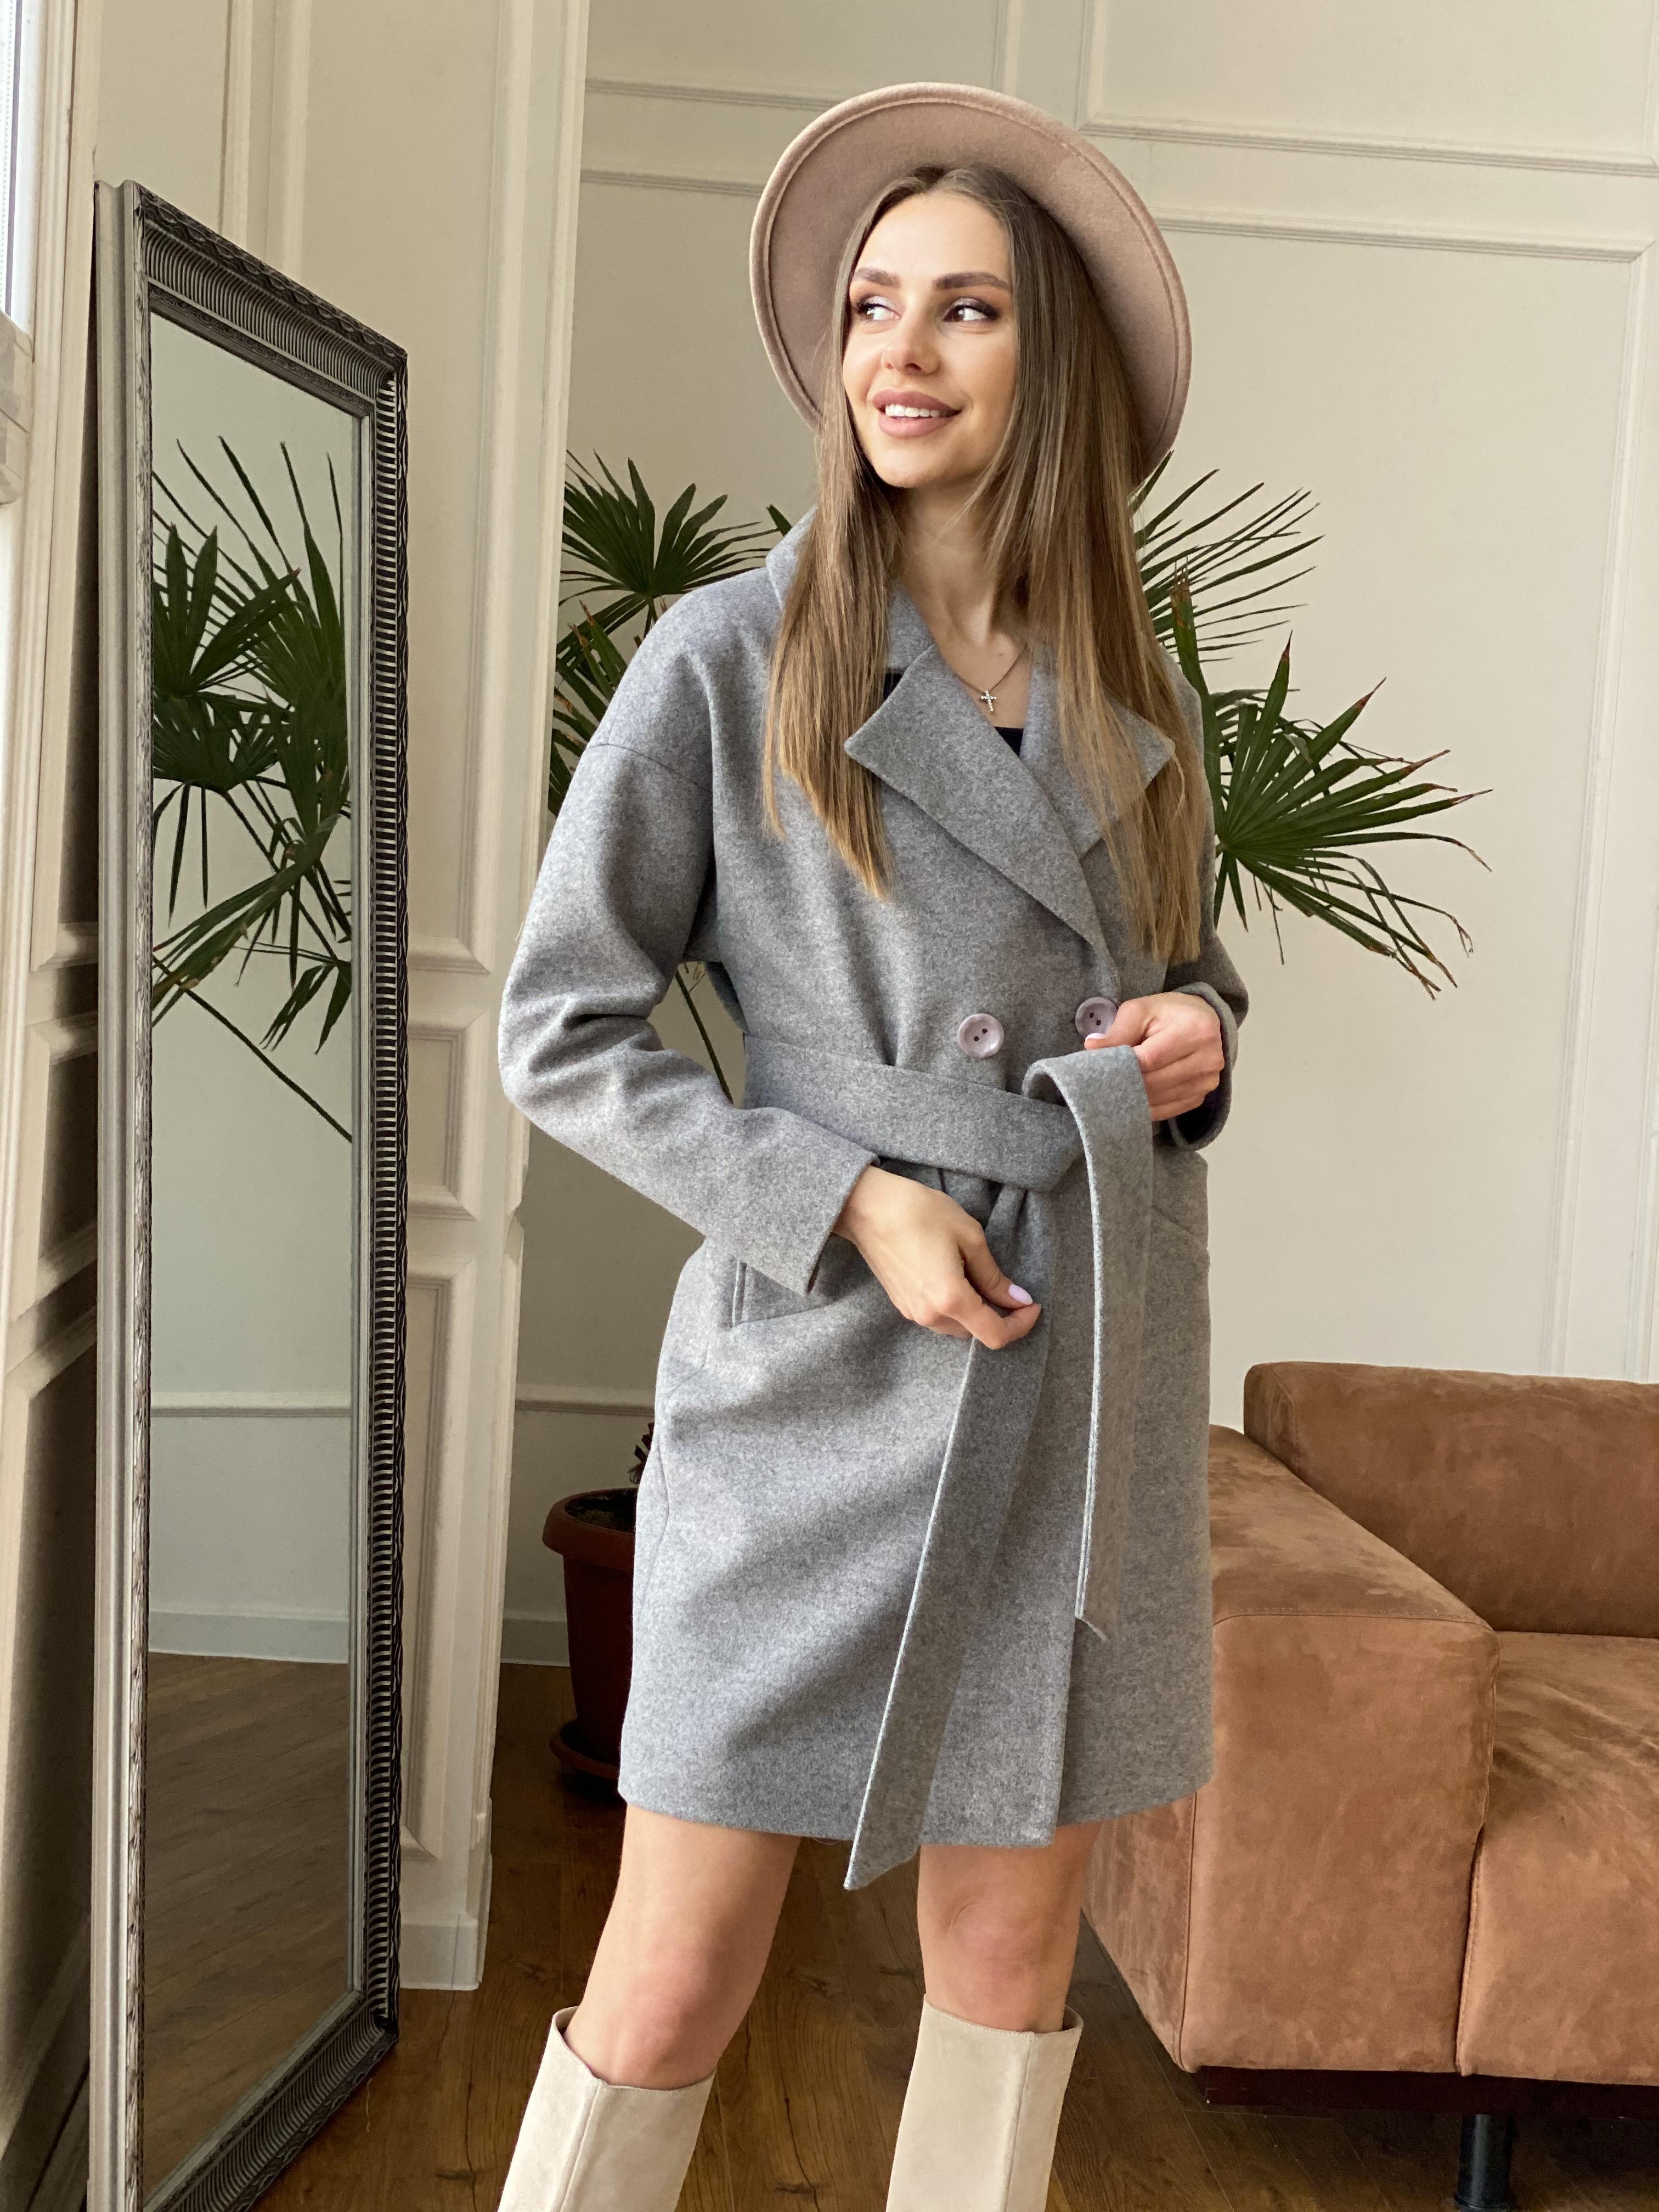 Сенсей пальто из кашемира меланж  10745 АРТ. 47224 Цвет: Карамель 20/1 - фото 6, интернет магазин tm-modus.ru